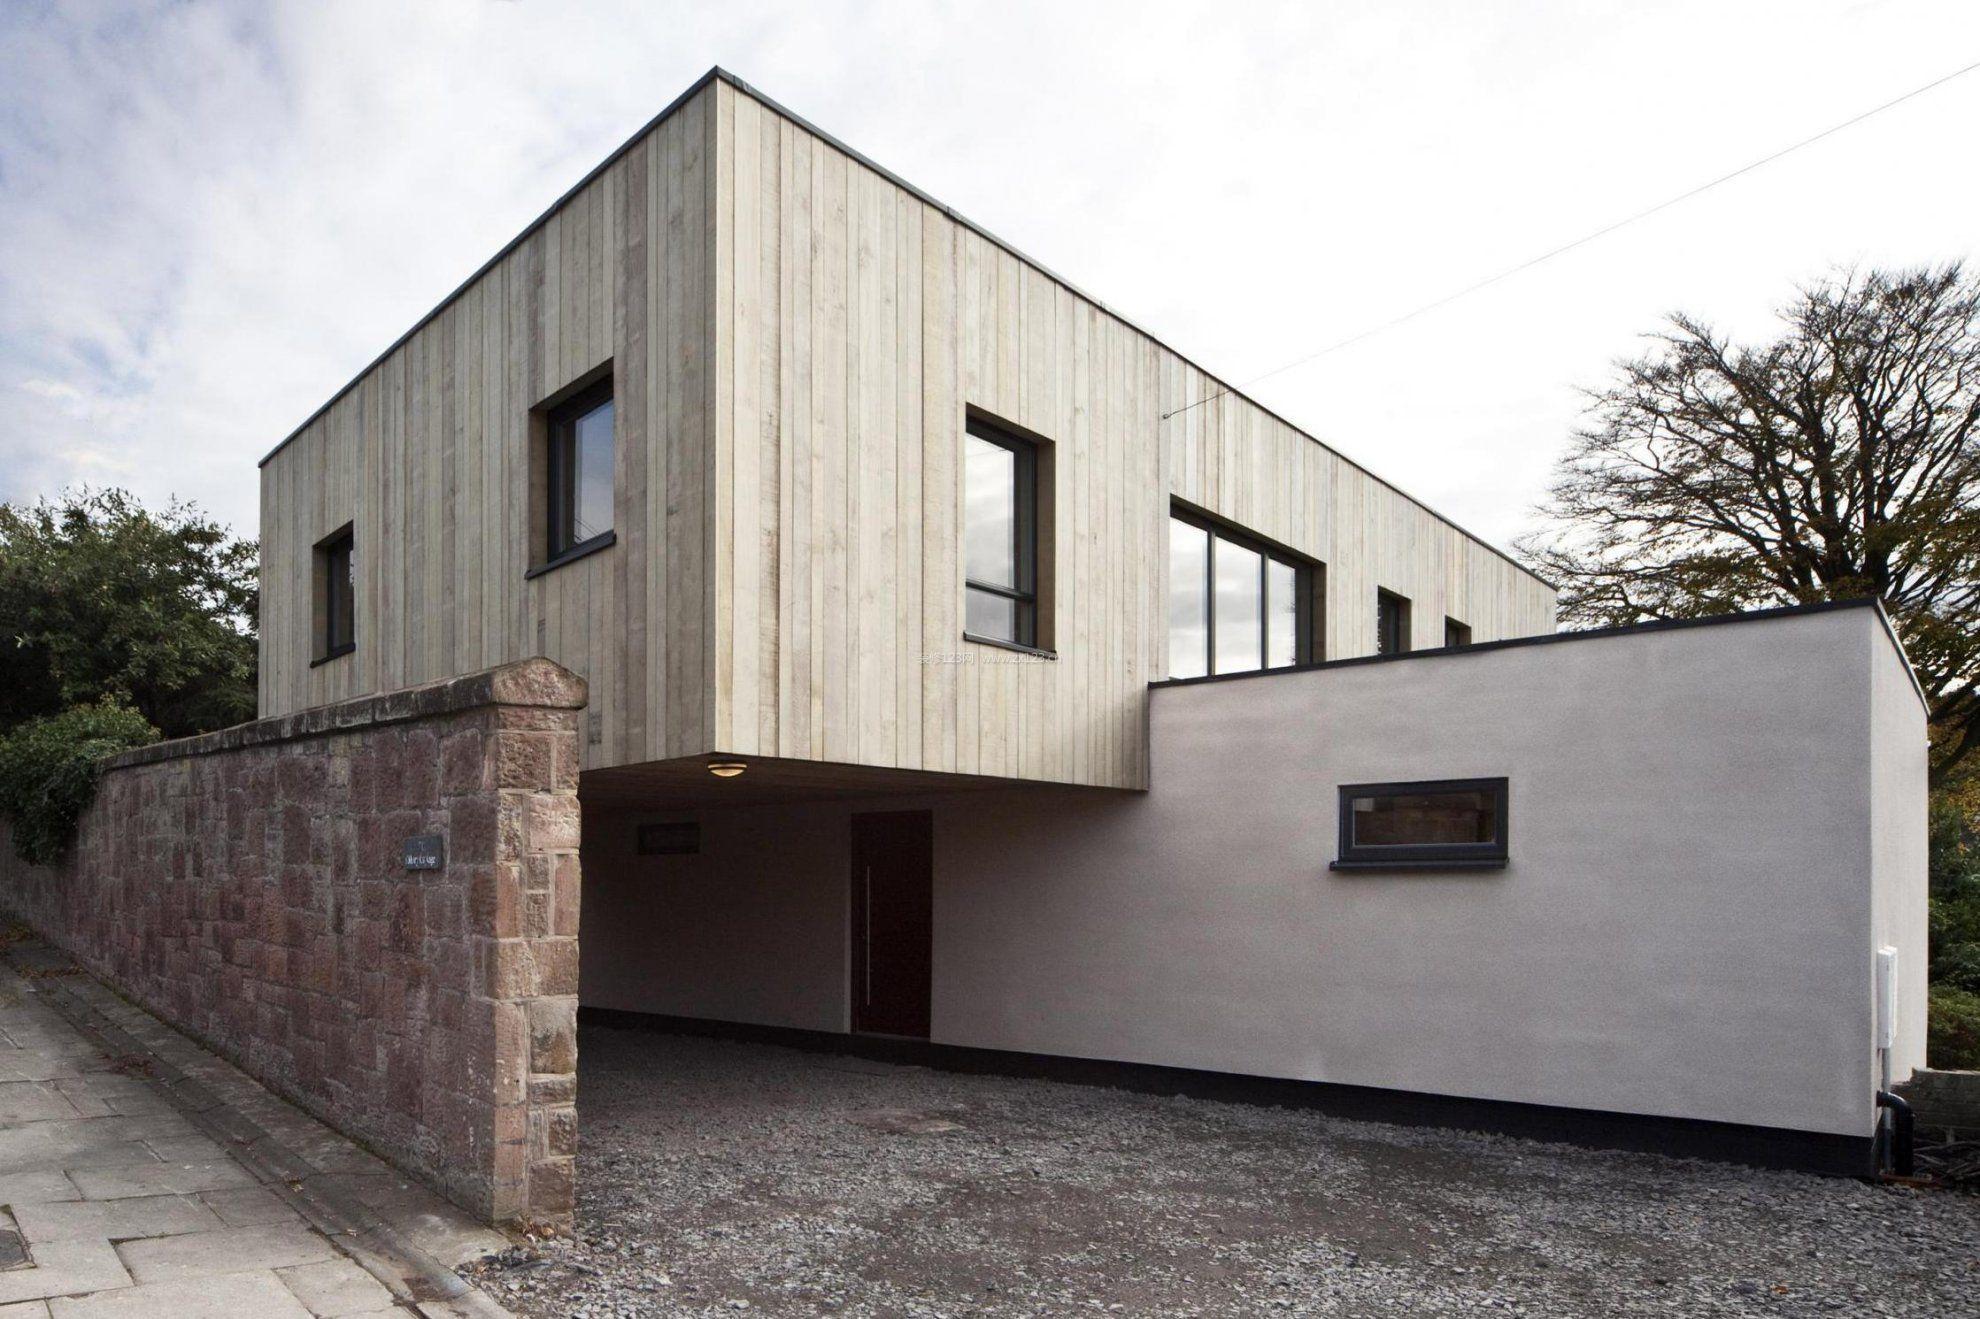 现代风格别墅外观设计-超现代简约别墅外观,农村15万元二层小楼图图片